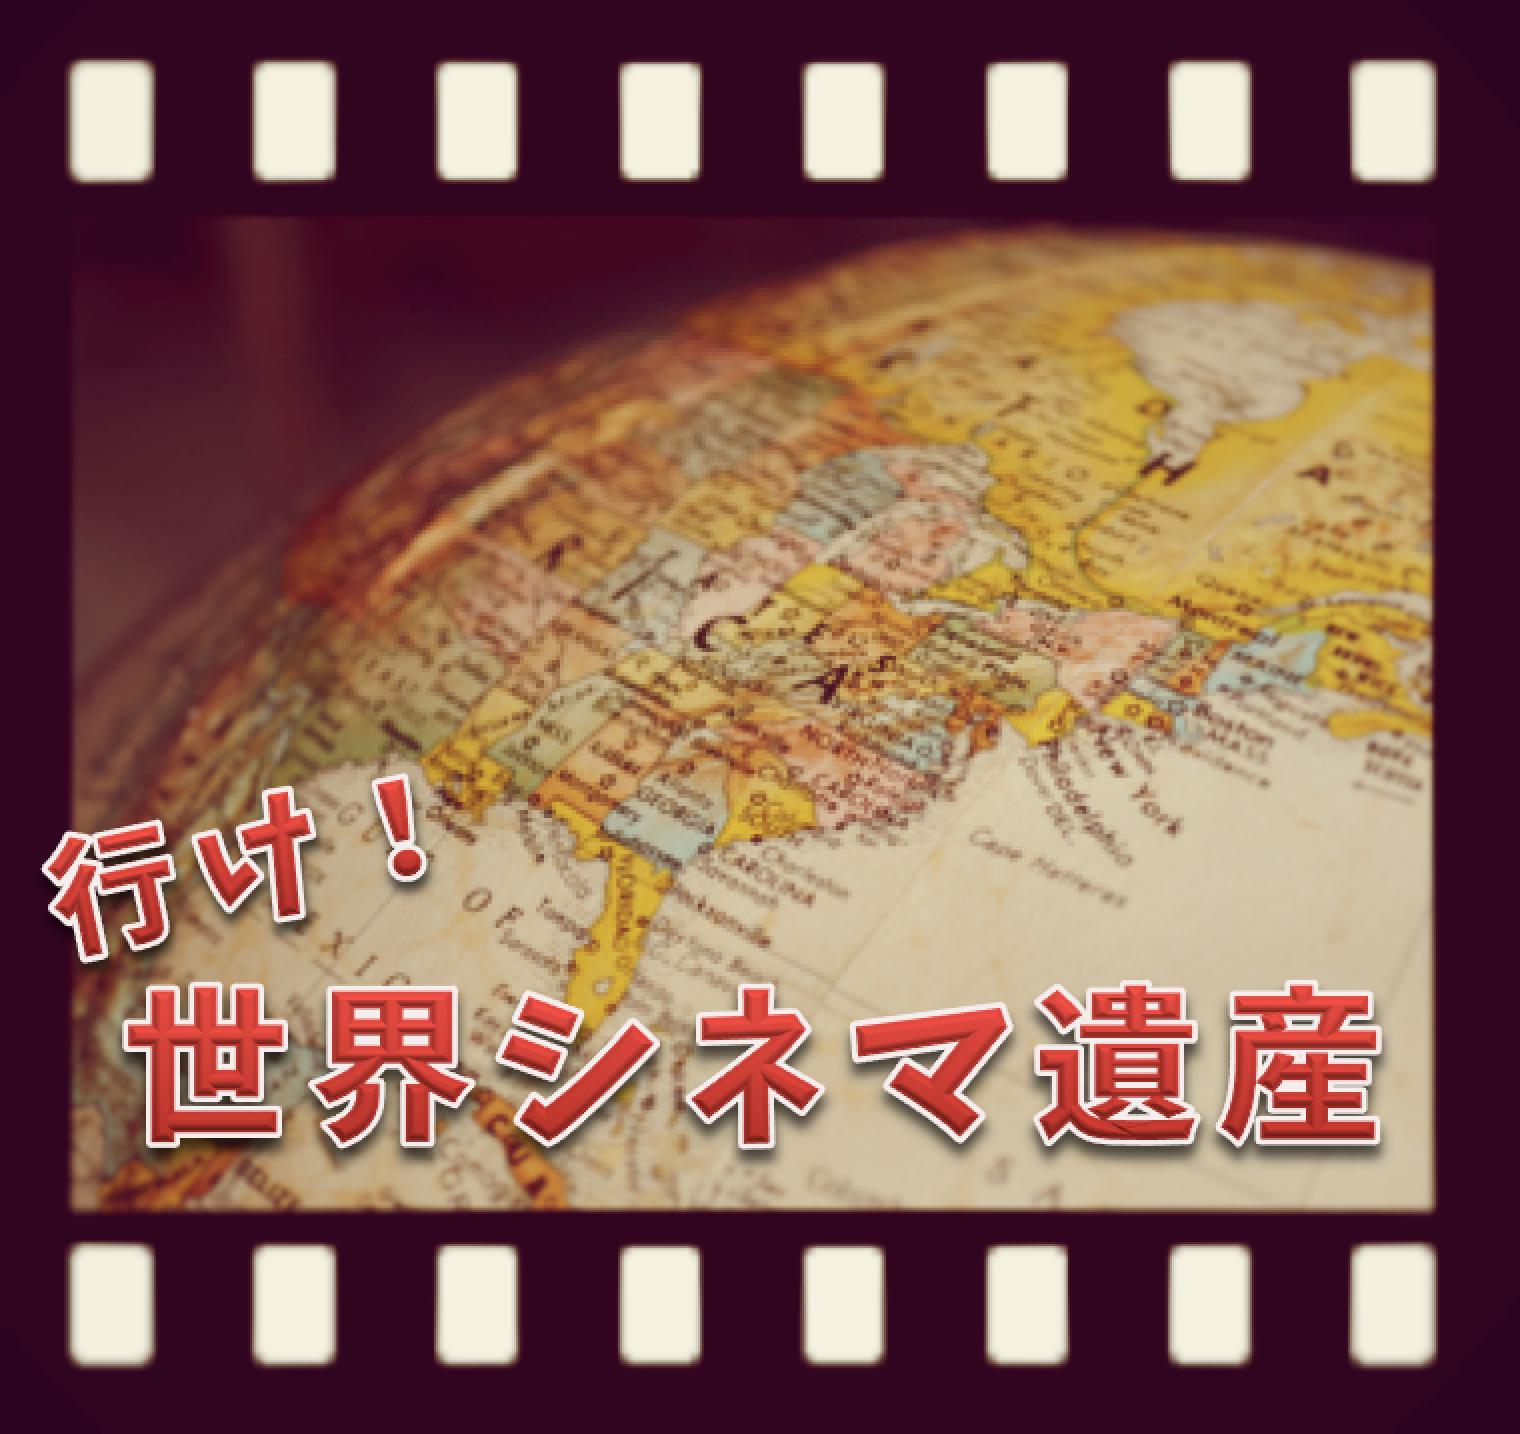 行け!世界シネマ遺産ー映画と世界遺産ー